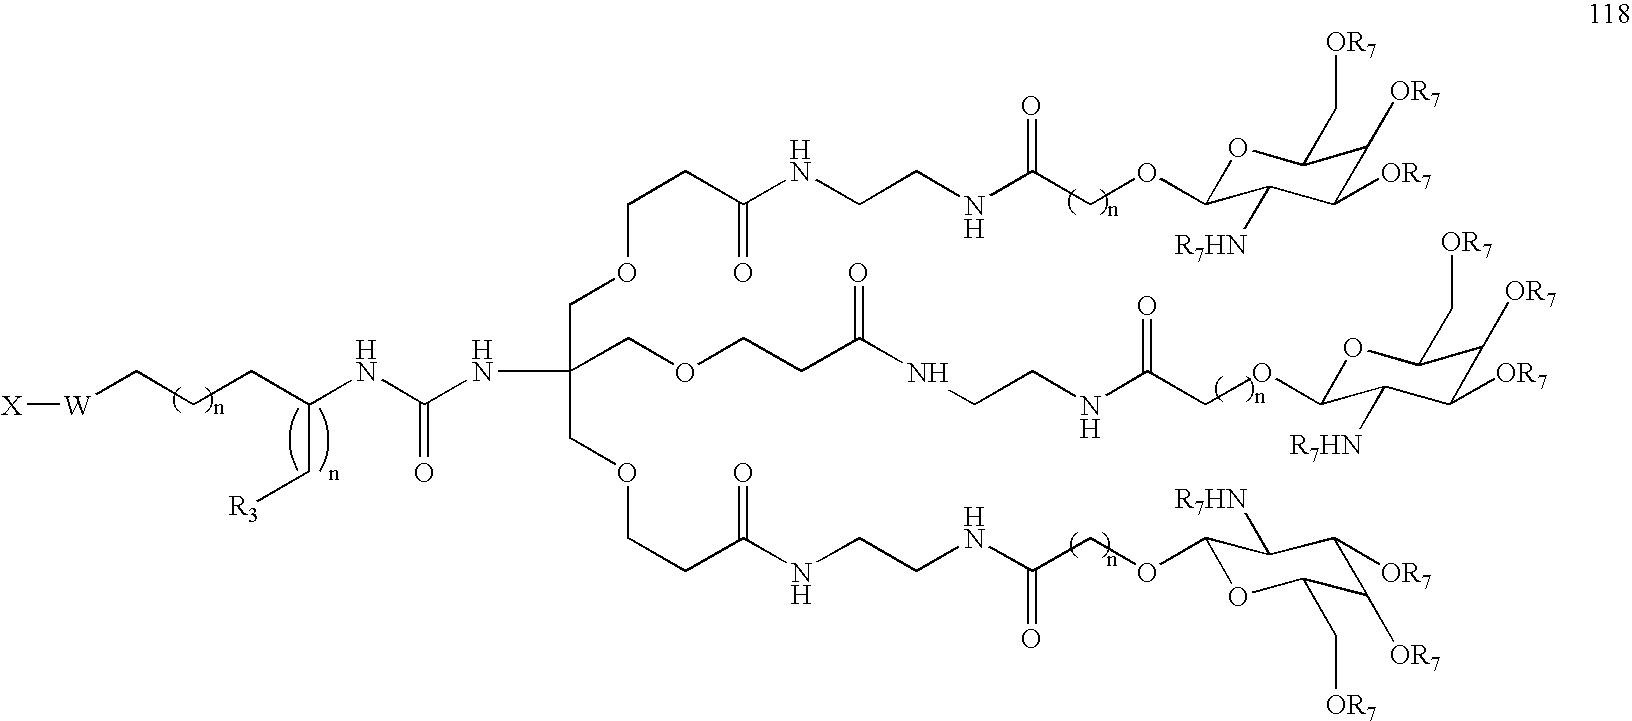 Figure US20050032733A1-20050210-C00082